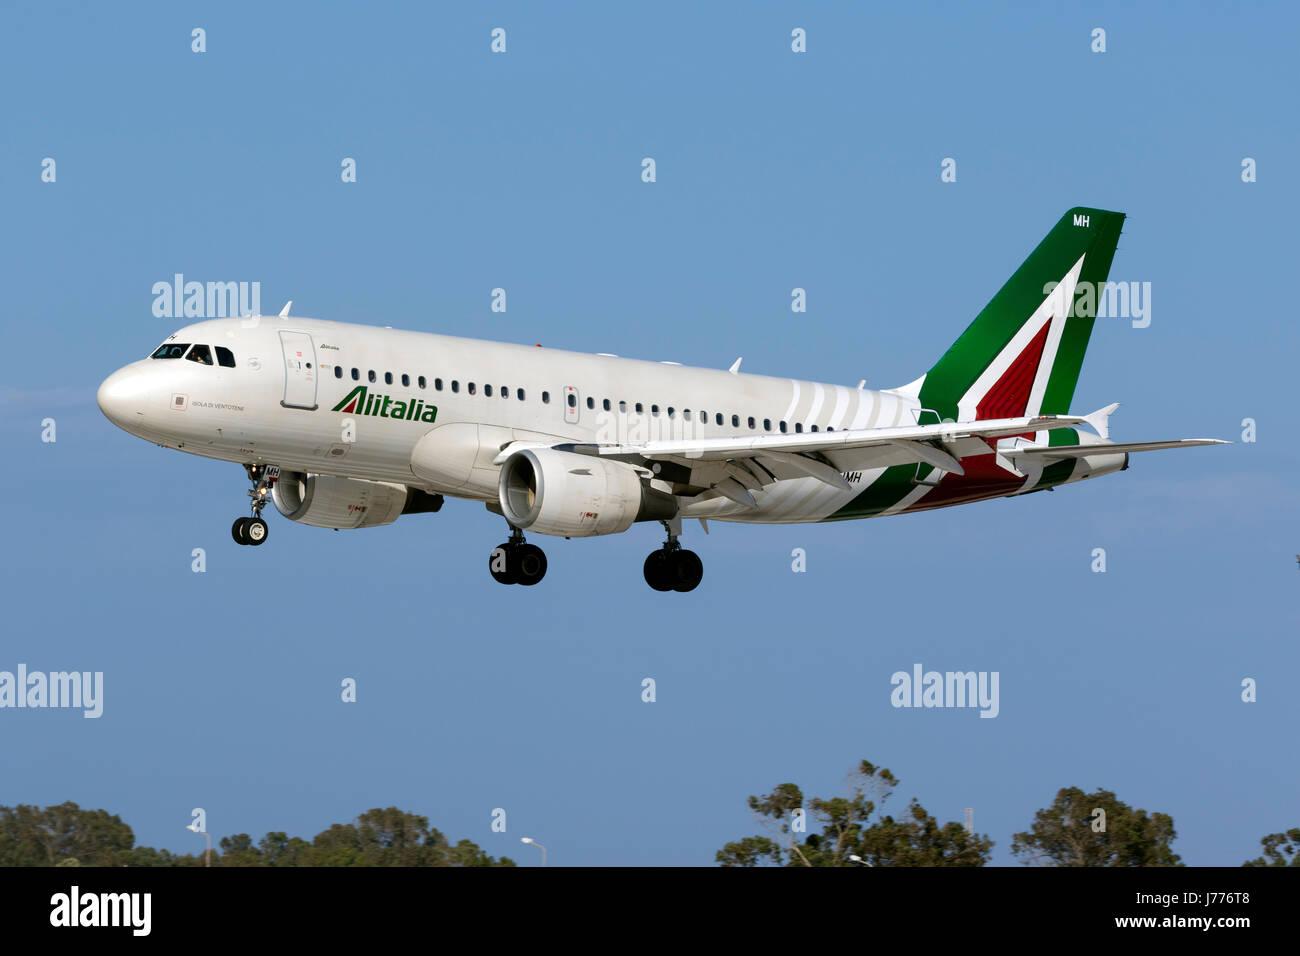 Alitalia Airbus A319-112 [EI-IMH] dans la dernière livrée pour Alitalia piste d'atterrissage 31. Banque D'Images